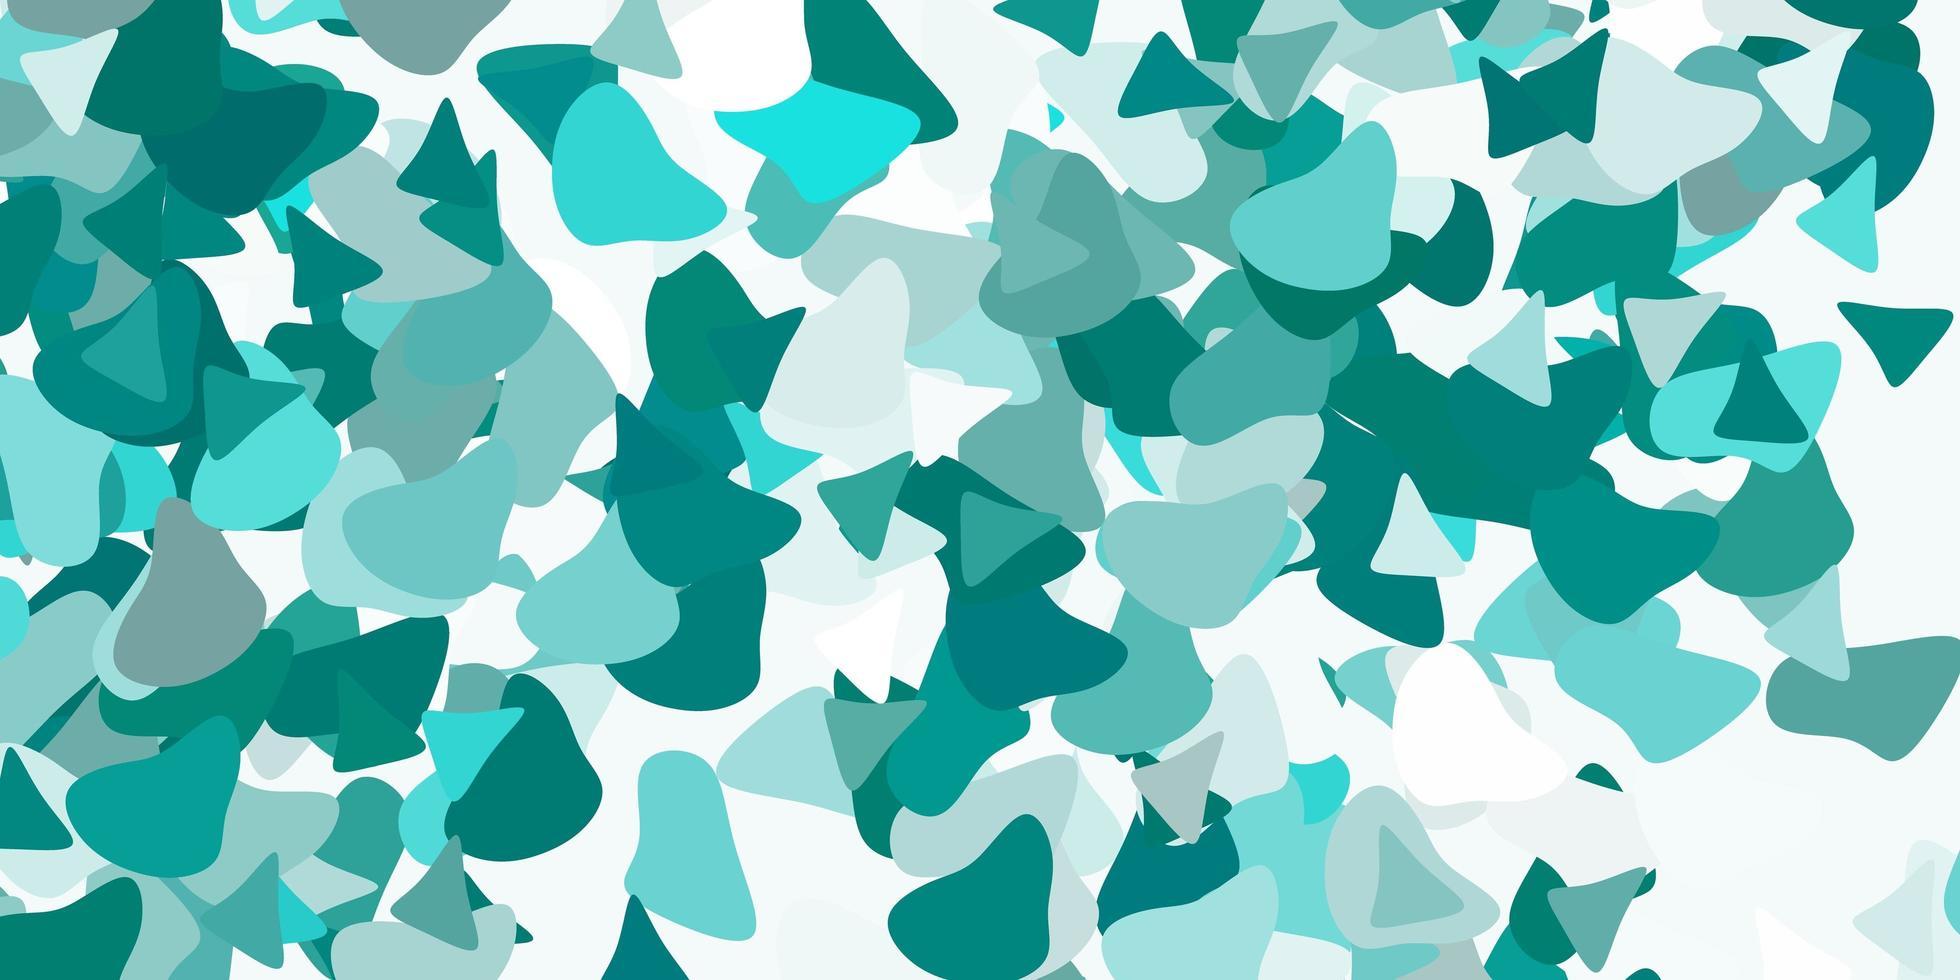 toile de fond de vecteur vert clair avec des formes chaotiques.